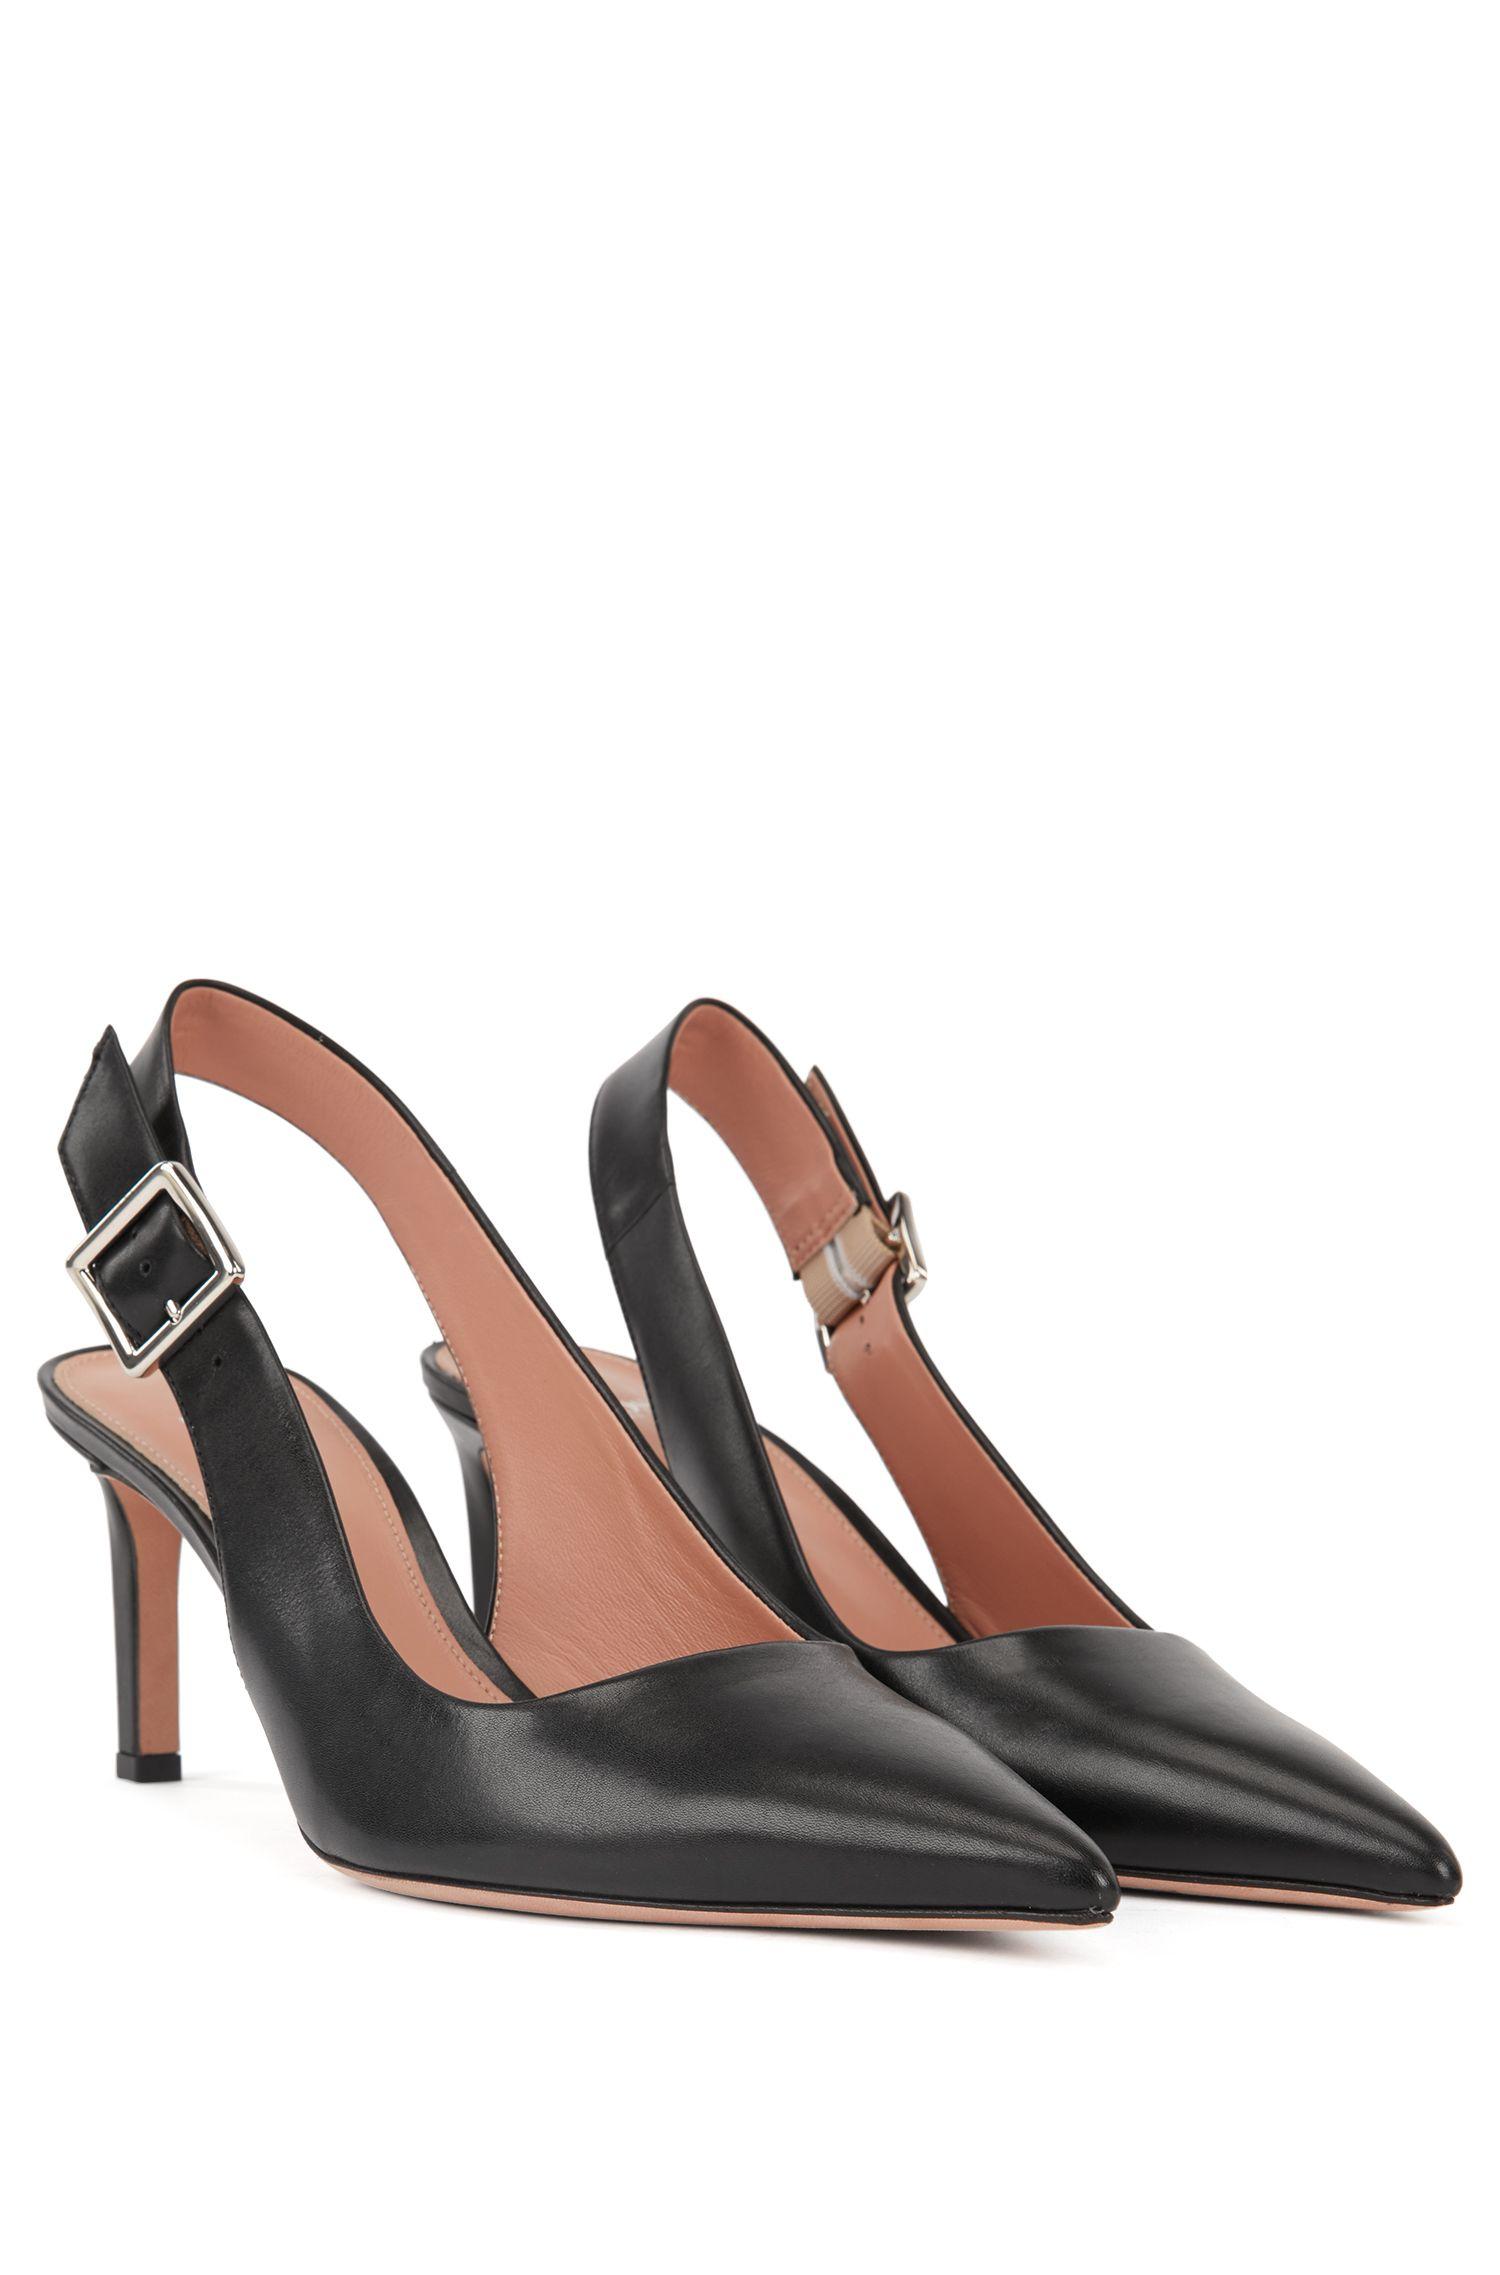 Hugo Boss - Zapatos de salón de talón abierto en piel de becerro con detalle de hebilla - 2